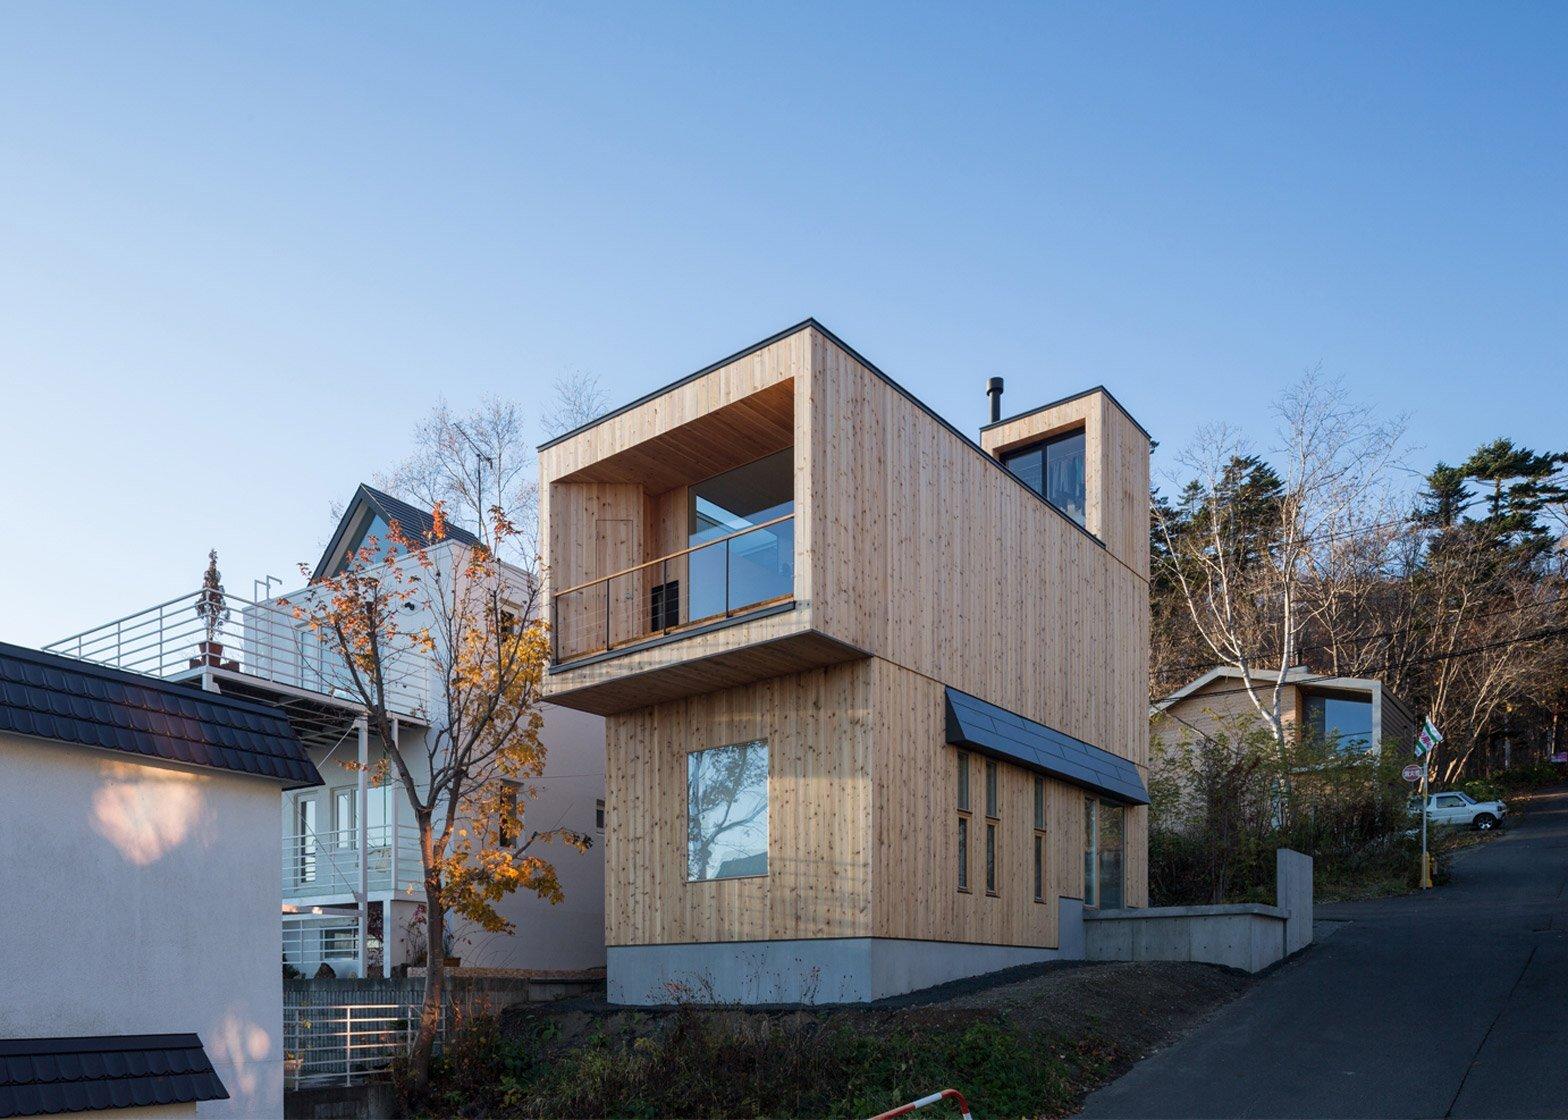 The Barn House - Akasaka Shinichiro Atelier